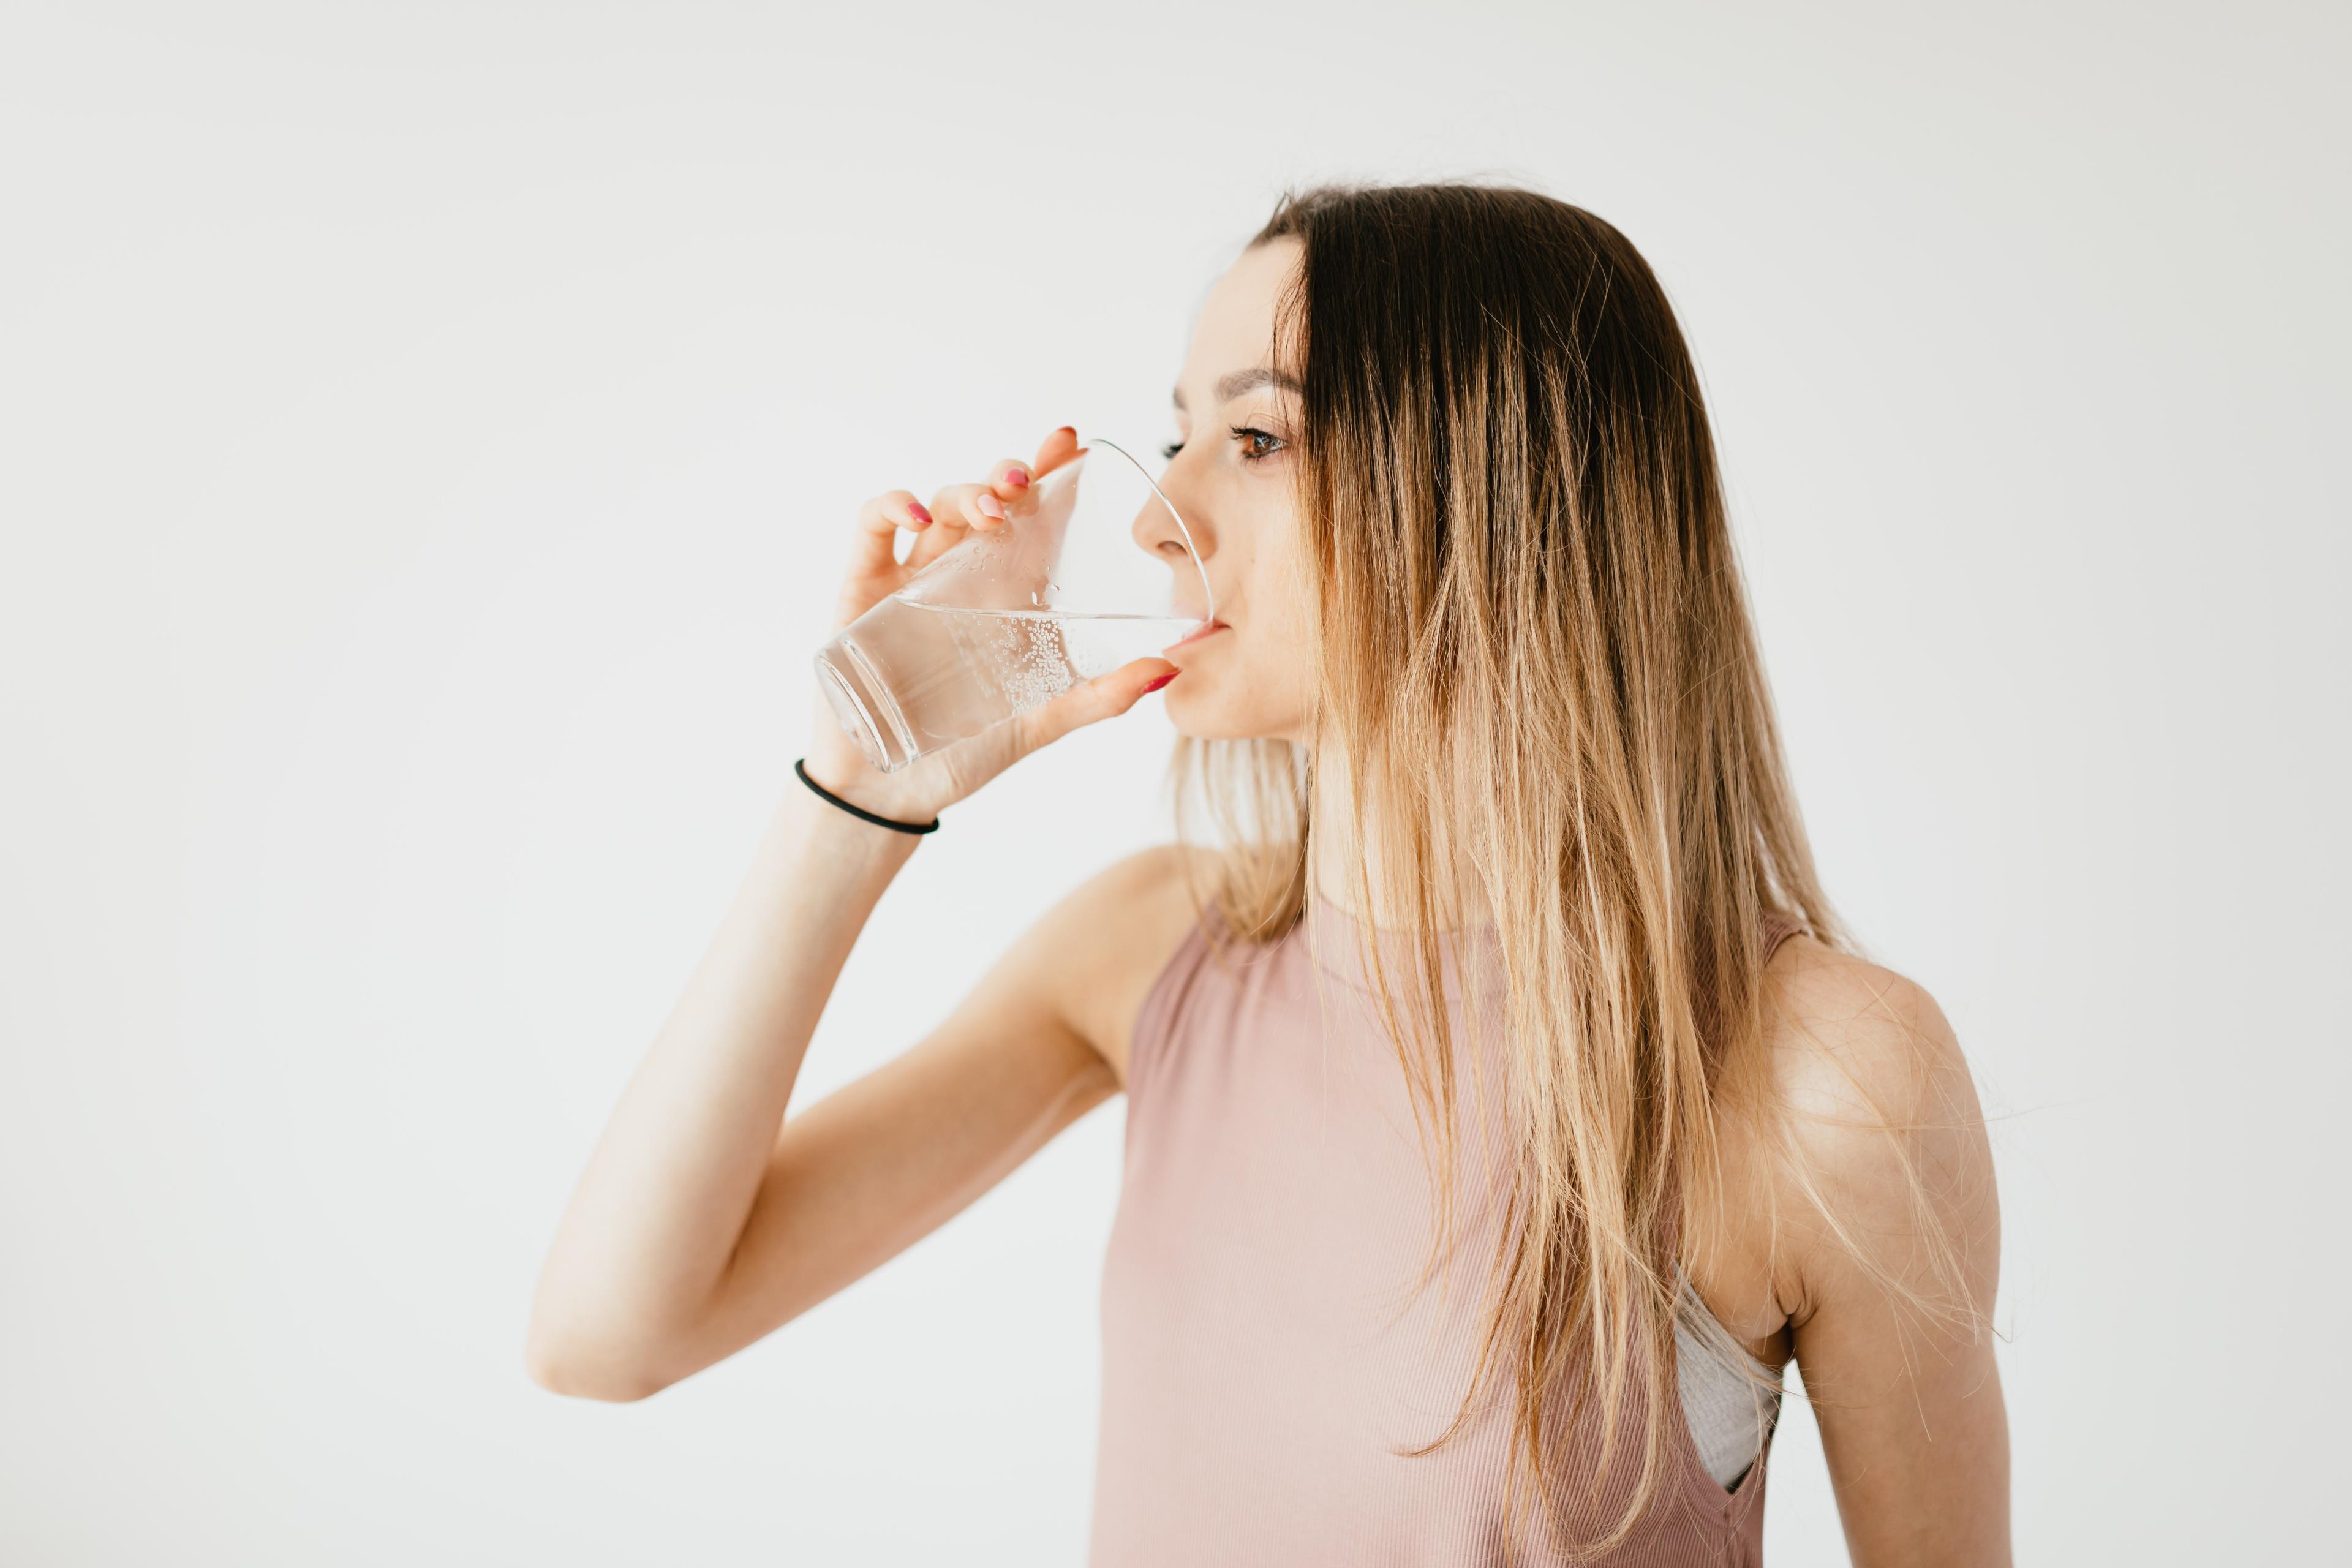 Ragazza molto magra che beve acqua